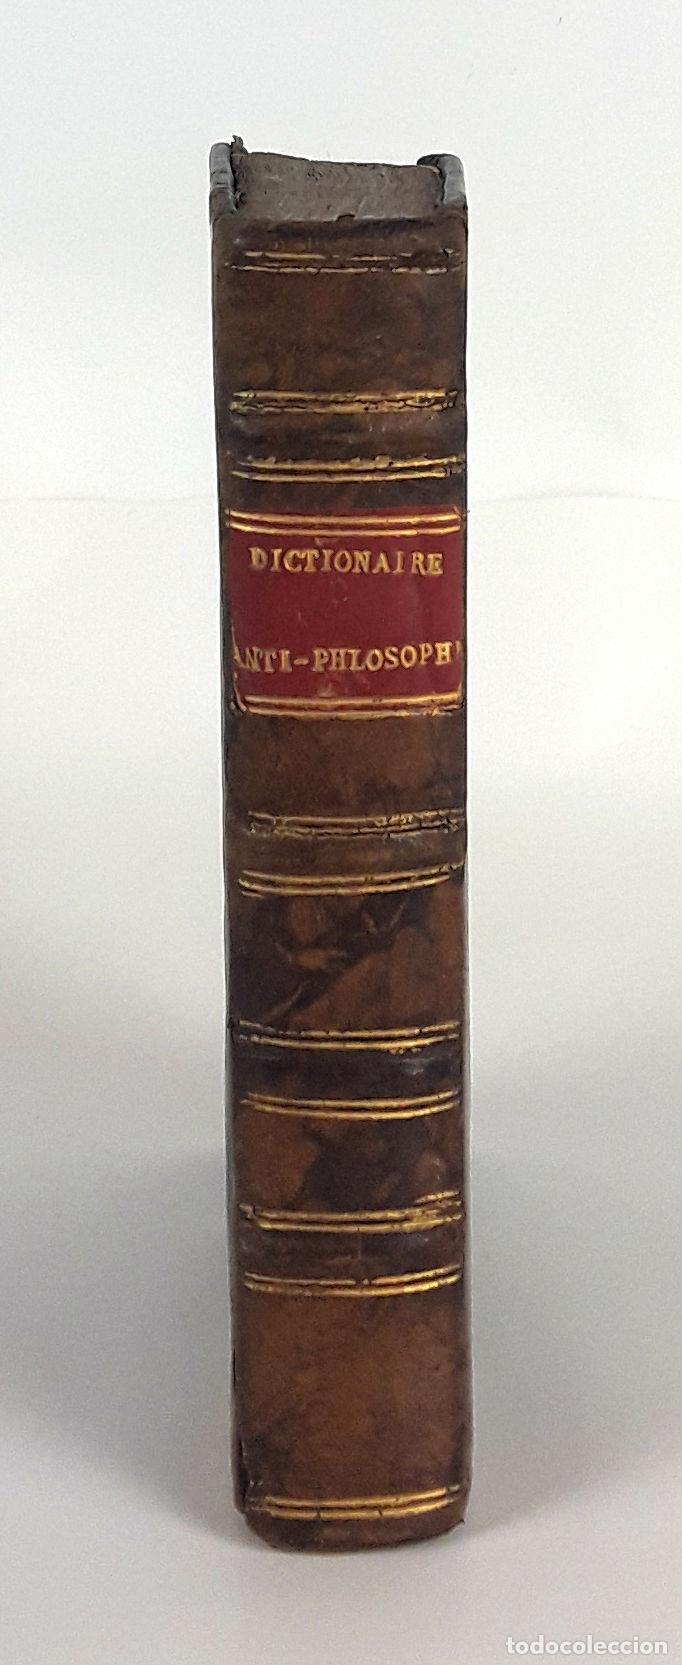 DICTIONNAIRE ANTI-PHILOSOPHIQUE. A AVIGNON. M DCC LXVII (Libros Antiguos, Raros y Curiosos - Diccionarios)